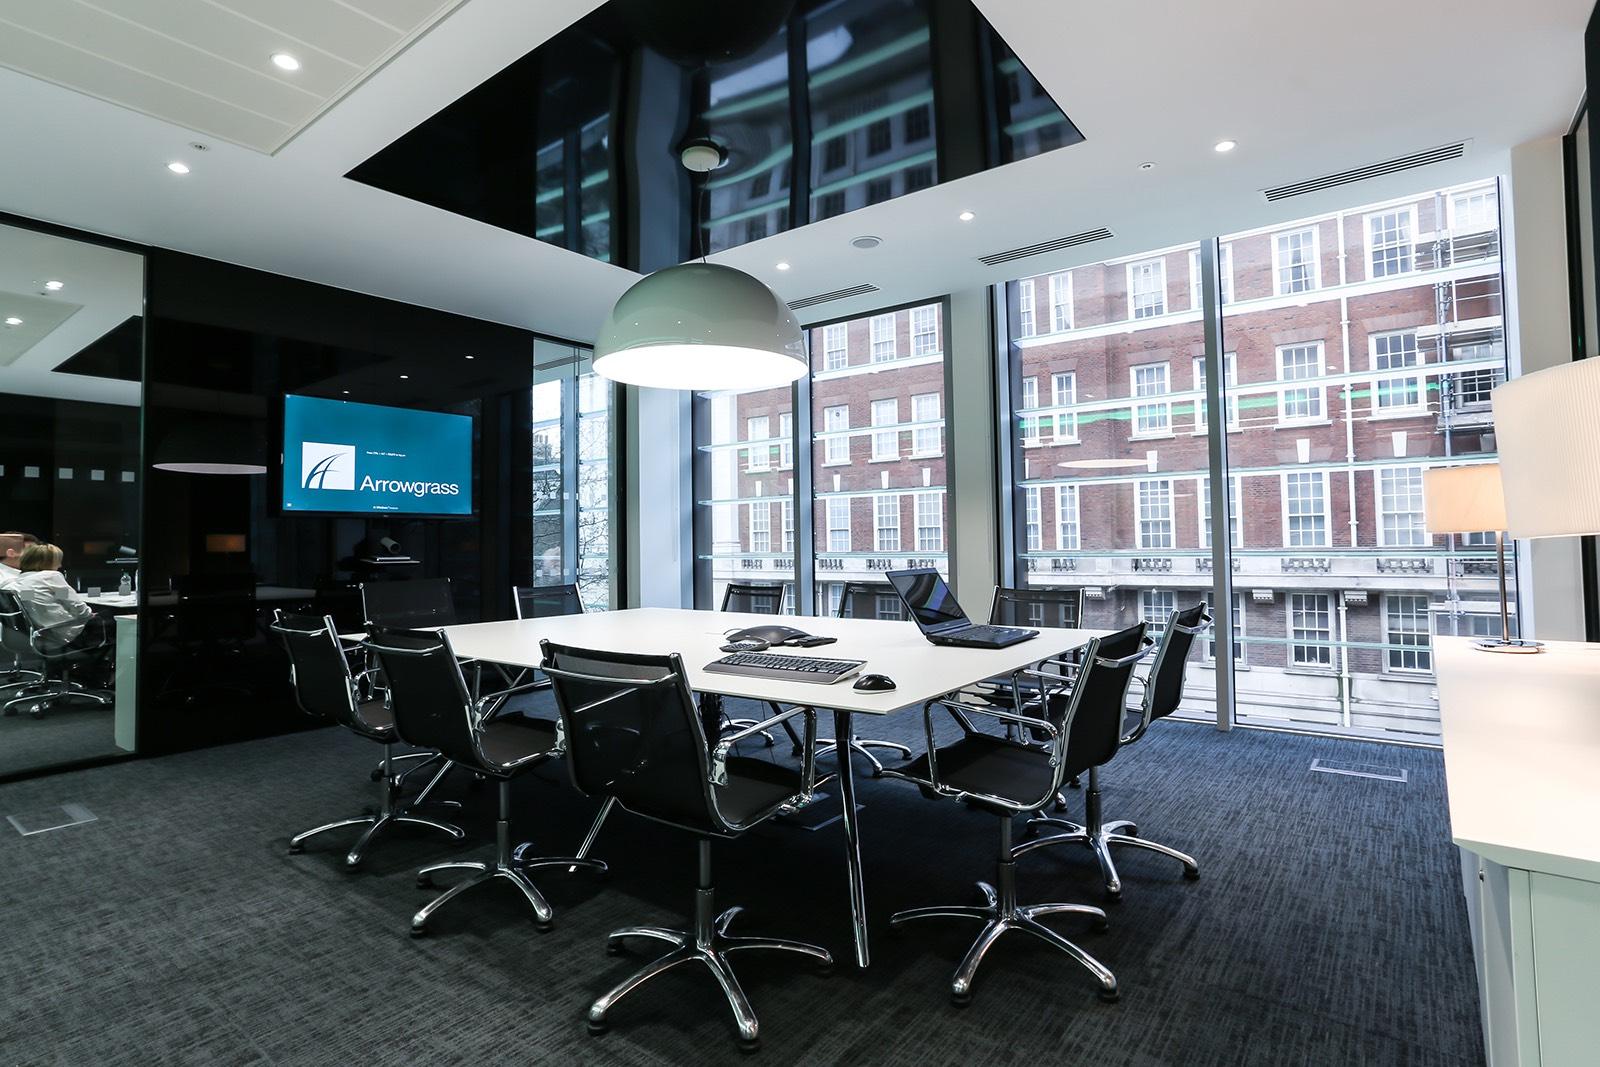 A Look Inside Arrowgrass\' Modern London Office - Officelovin\'